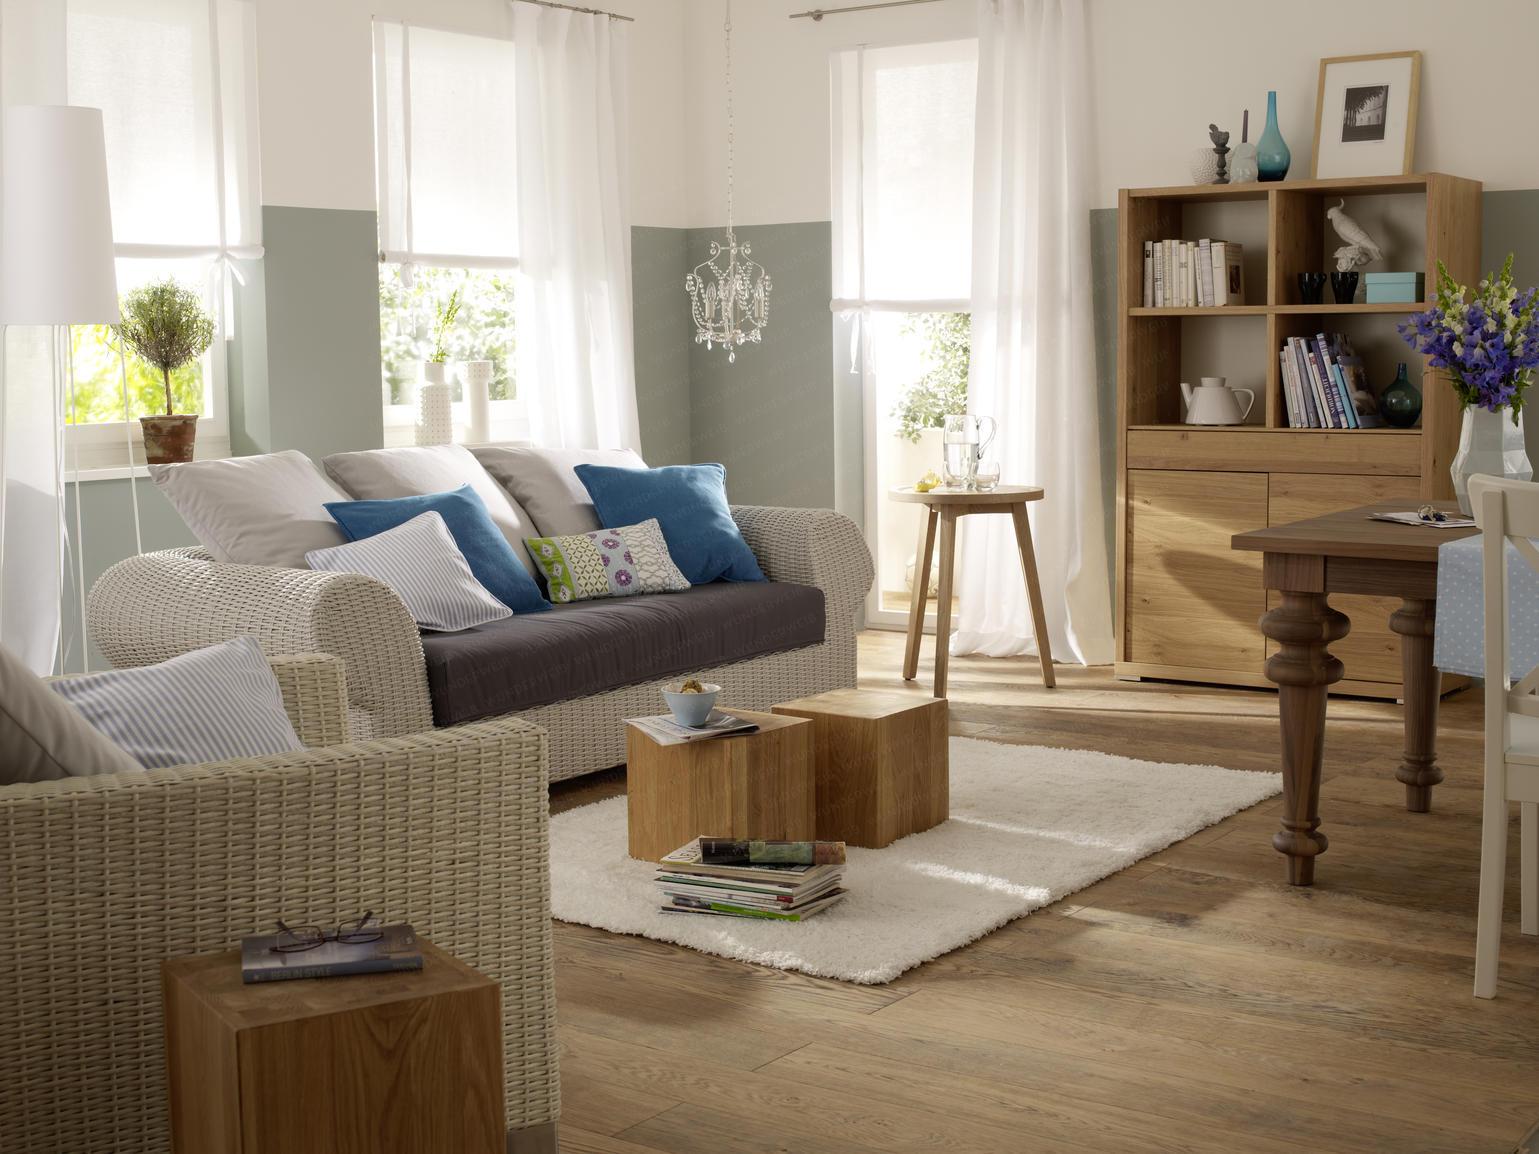 So Ist Auch Das Wohnzimmer, Muss Dieser Bereich Auch Mit Dem Konzept  Angepasst Werden, Dass Wir In Harmonie Wie Das Folgende Beispiel Spanner  Zur Folge Hat.